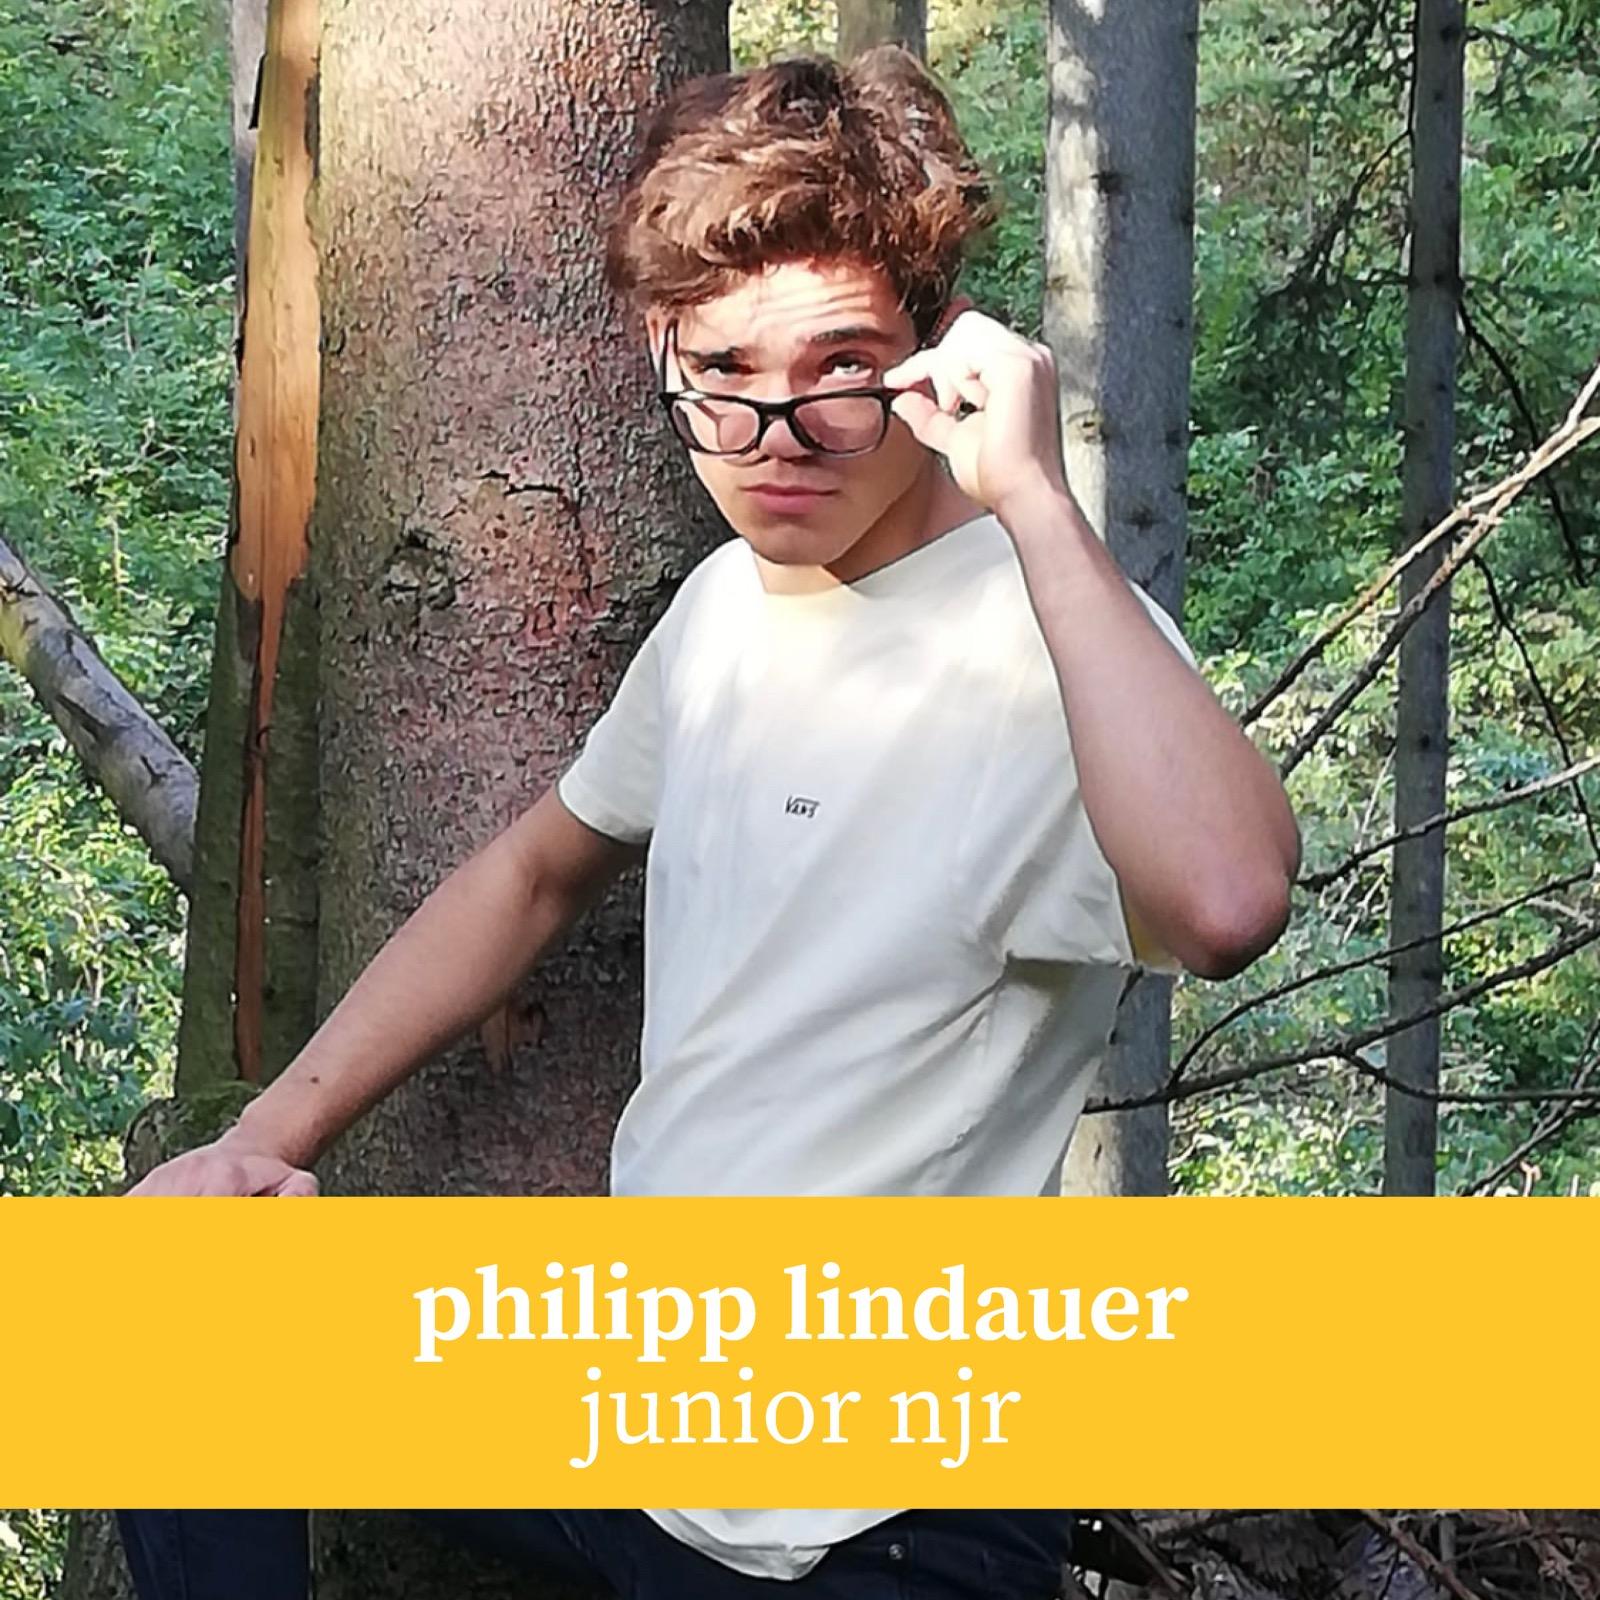 Philipp Lindauer